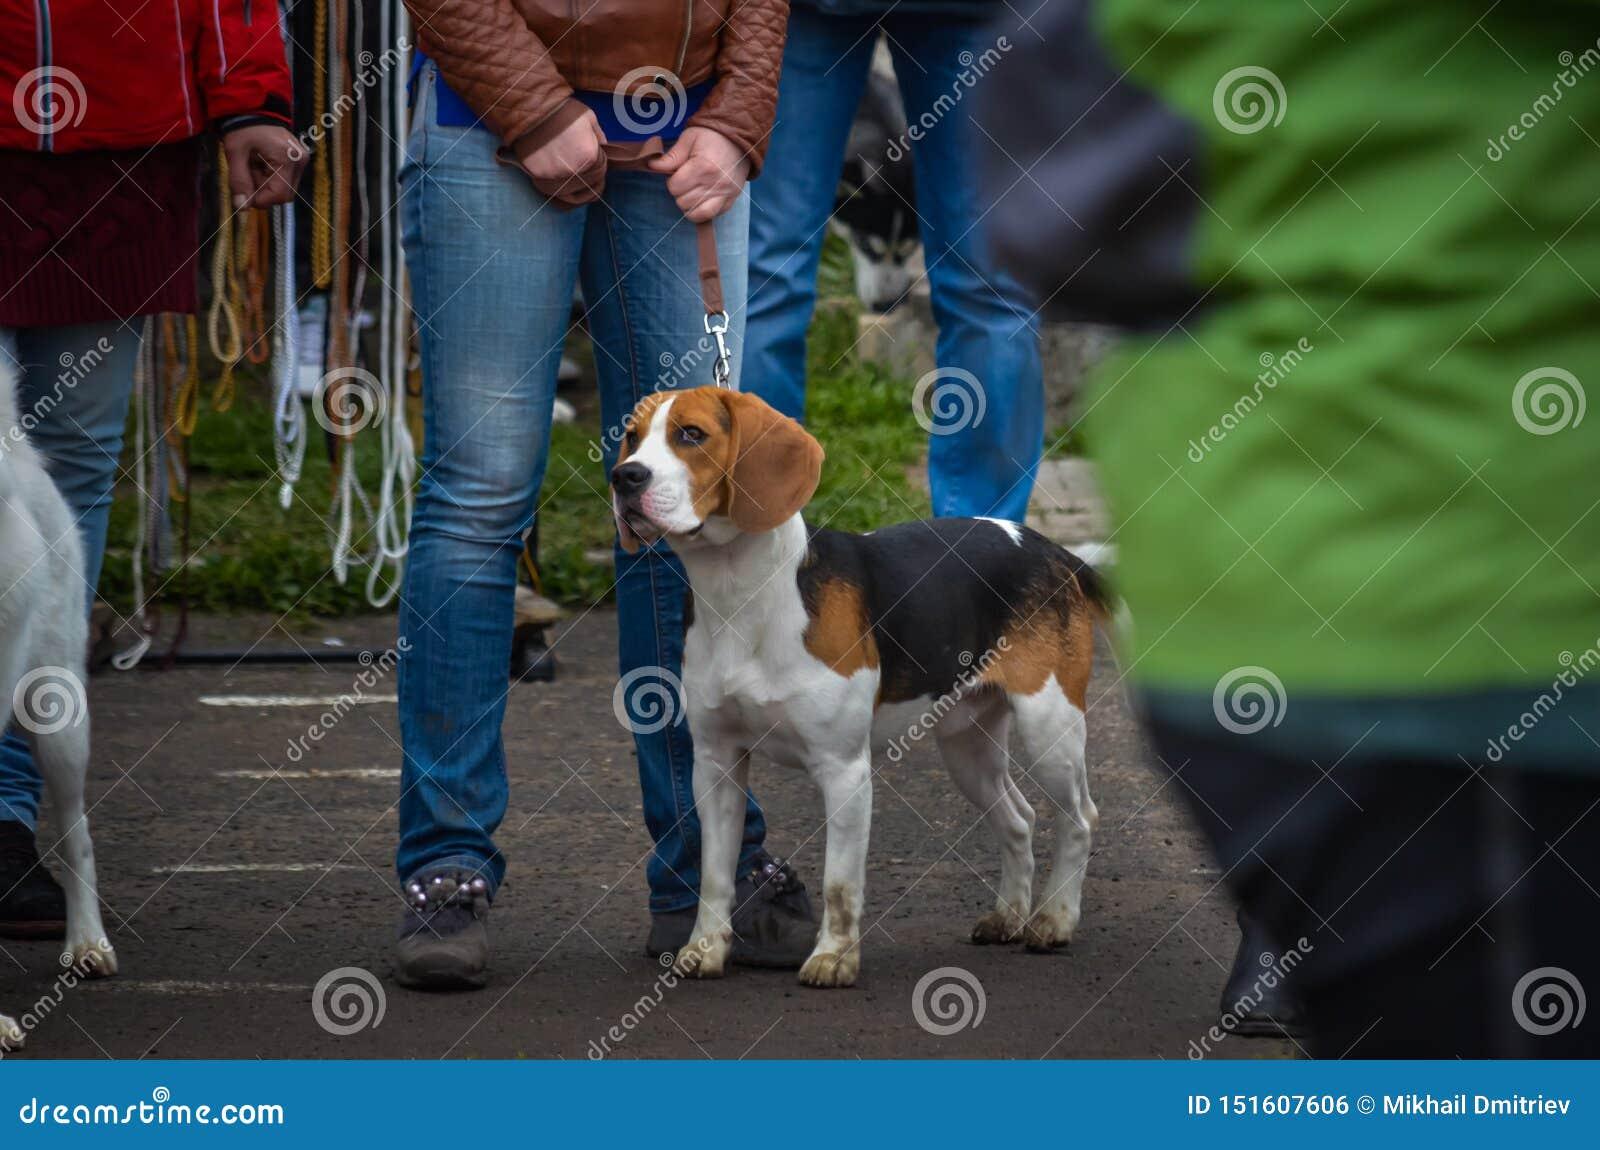 Στάσεις οι όμορφες λαγωνικών σε ένα λουρί δίπλα στον ιδιοκτήτη της σε μια γενική γραμμή σε ένα σκυλί παρουσιάζουν Πυροβολισμός σε